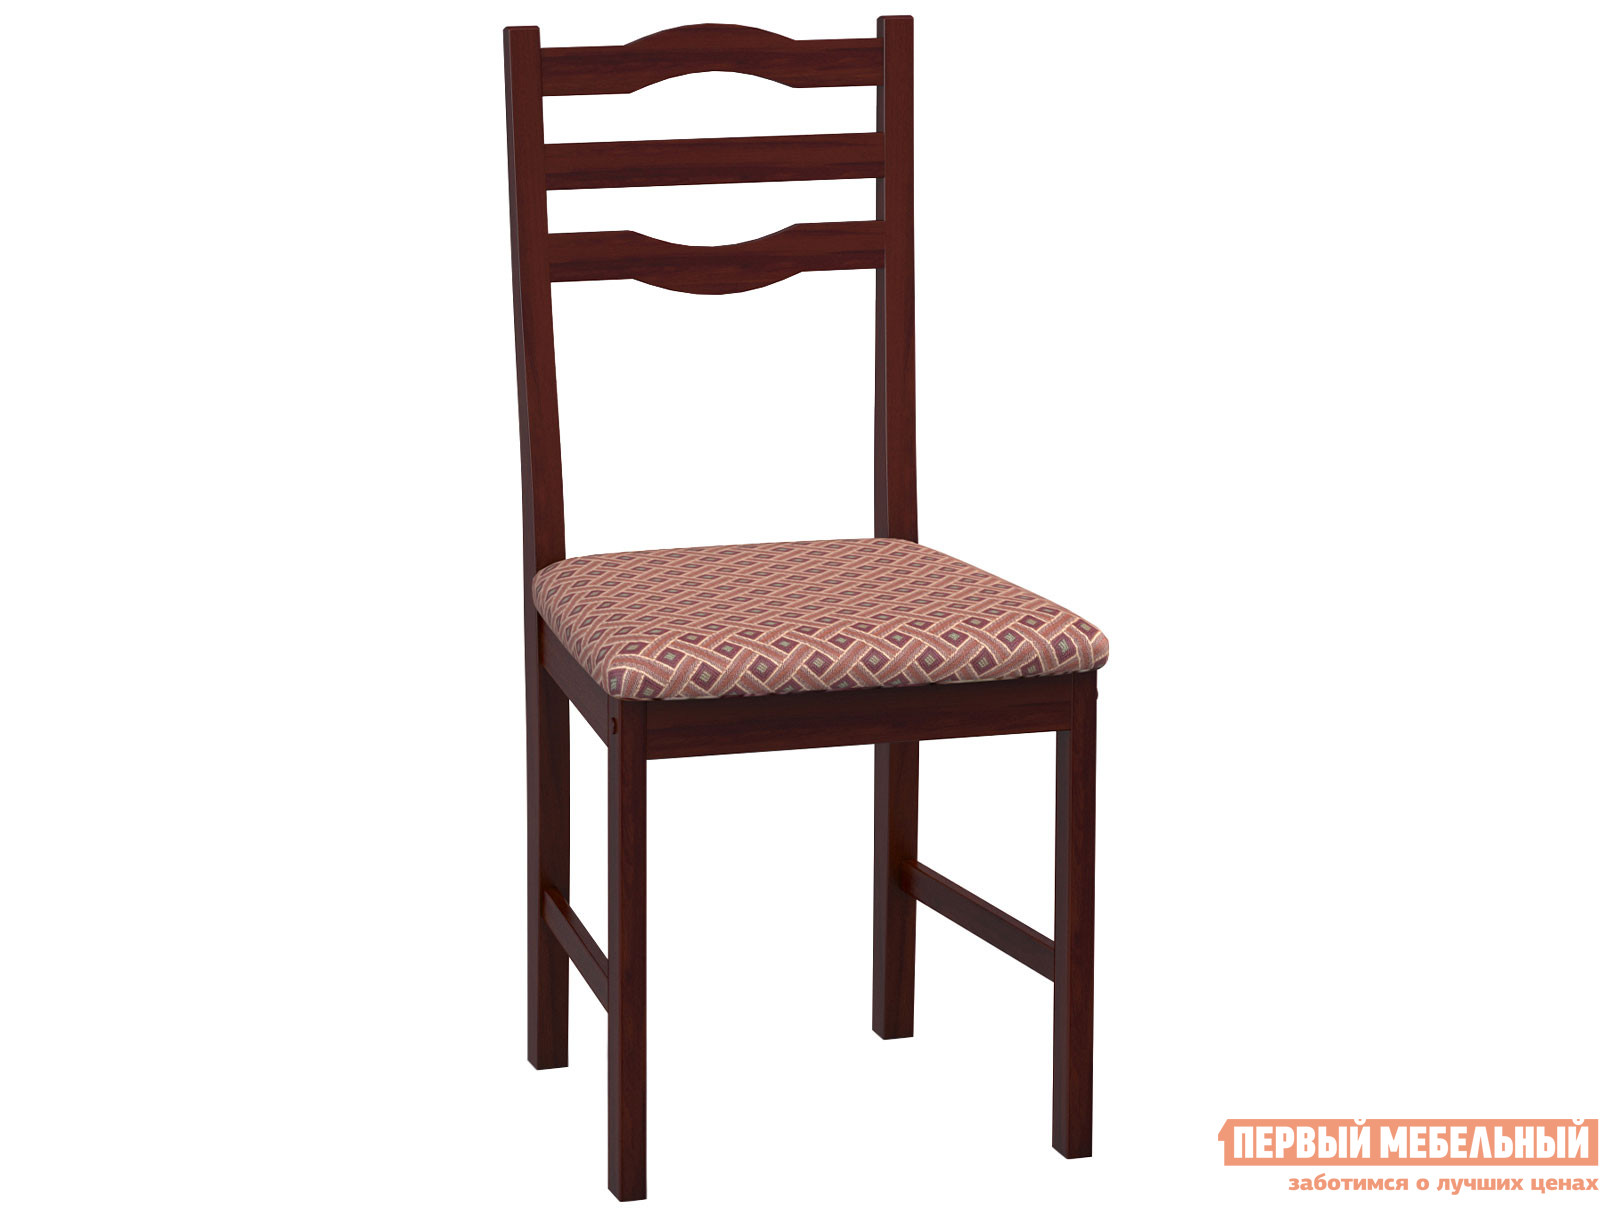 кухонный стул дик стул сибарит 35 11 Стул ДИК Стул М10